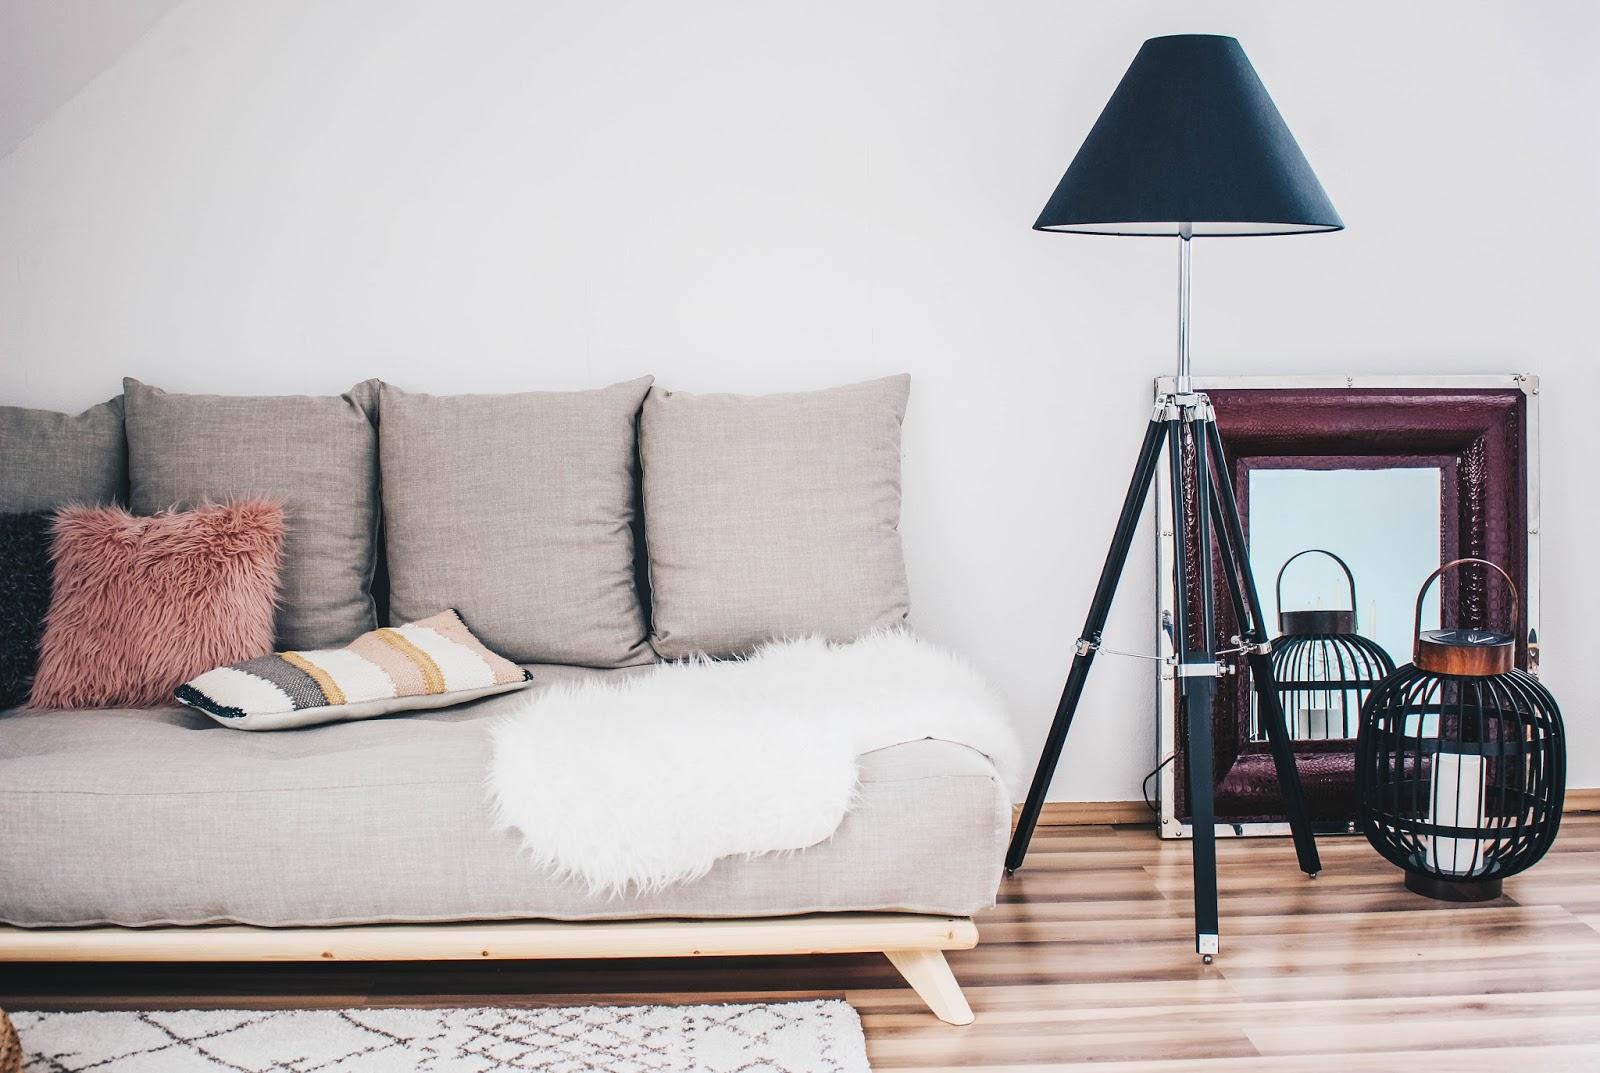 So Kann Bei Längeren Überstunden Das Sofa Auch Super Bequem Zu Einem  Gemütlichen Bett Umfunktioniert Werden Oder Bei Der Nächsten Office Party  Zu Dem ...